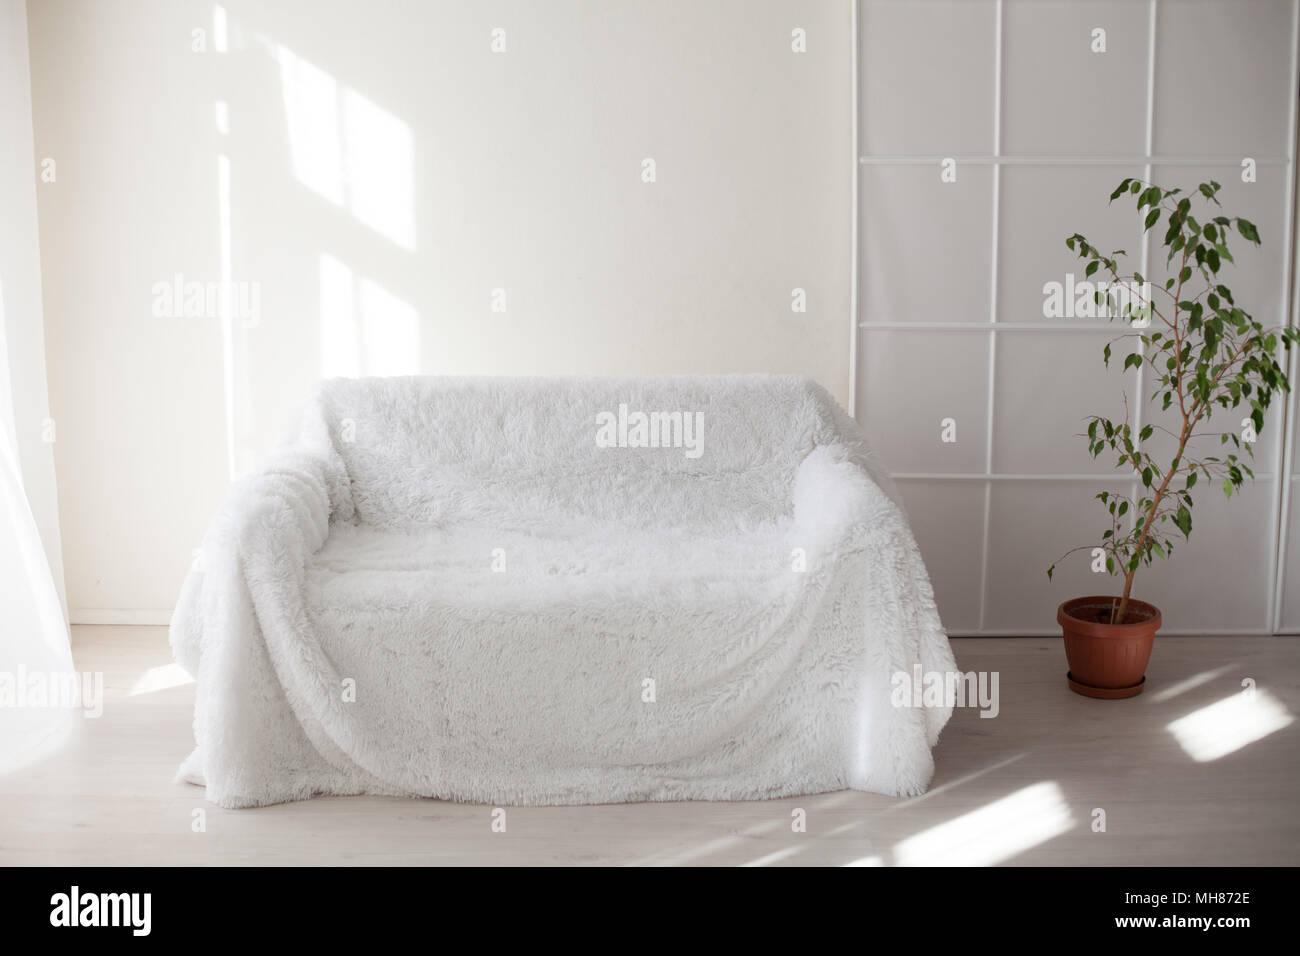 Weiß Sofa und Grüne Zimmerpflanzen im Zimmer Stockfoto, Bild ...